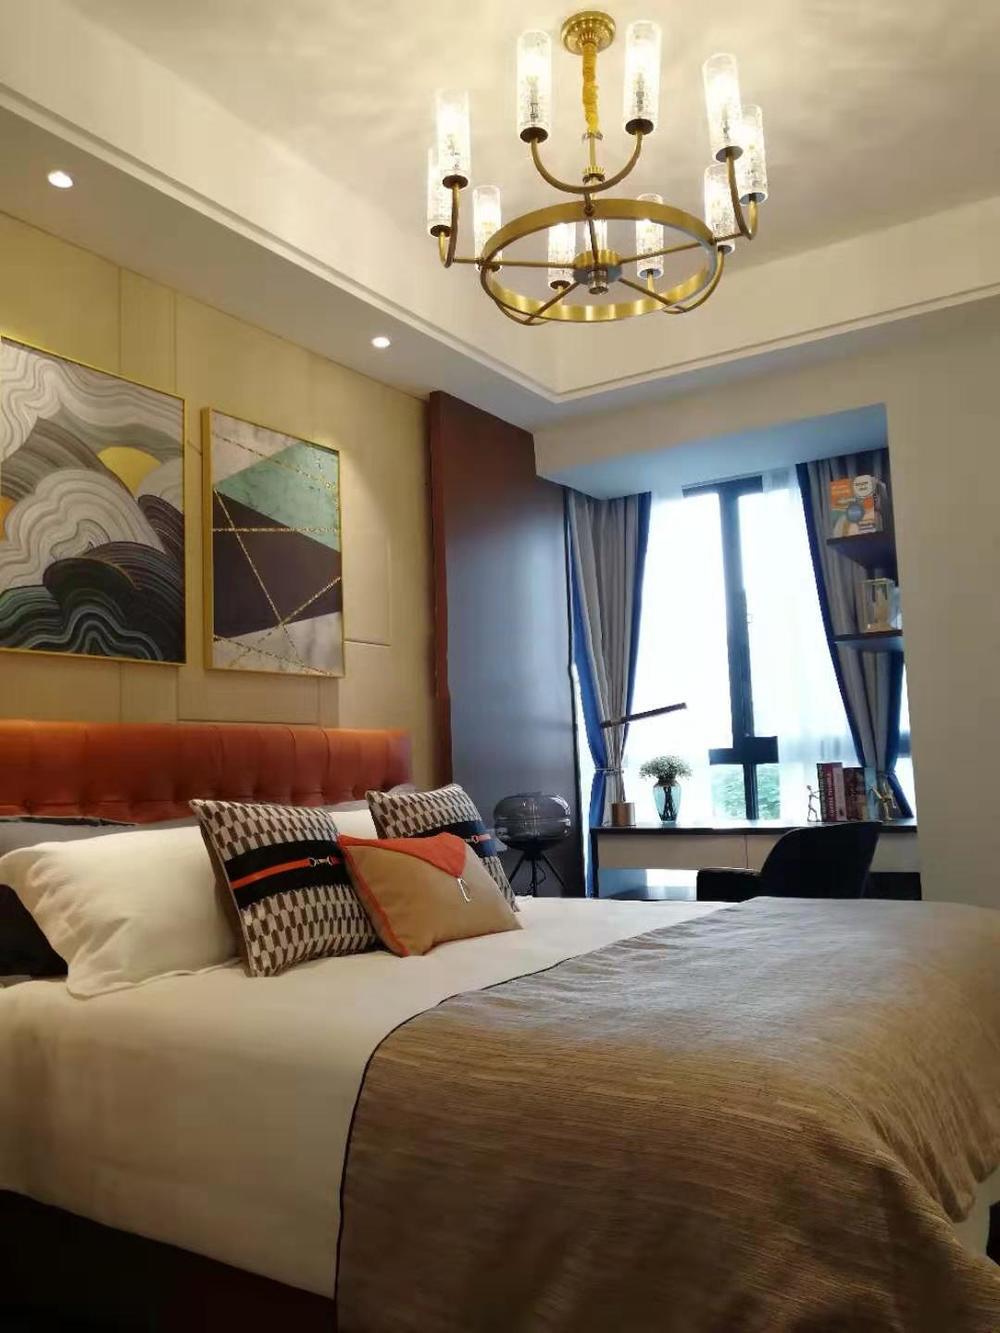 http://yuefangwangimg.oss-cn-hangzhou.aliyuncs.com/uploads/20200903/944a1a696ac70868c631d73570b495deMax.jpg